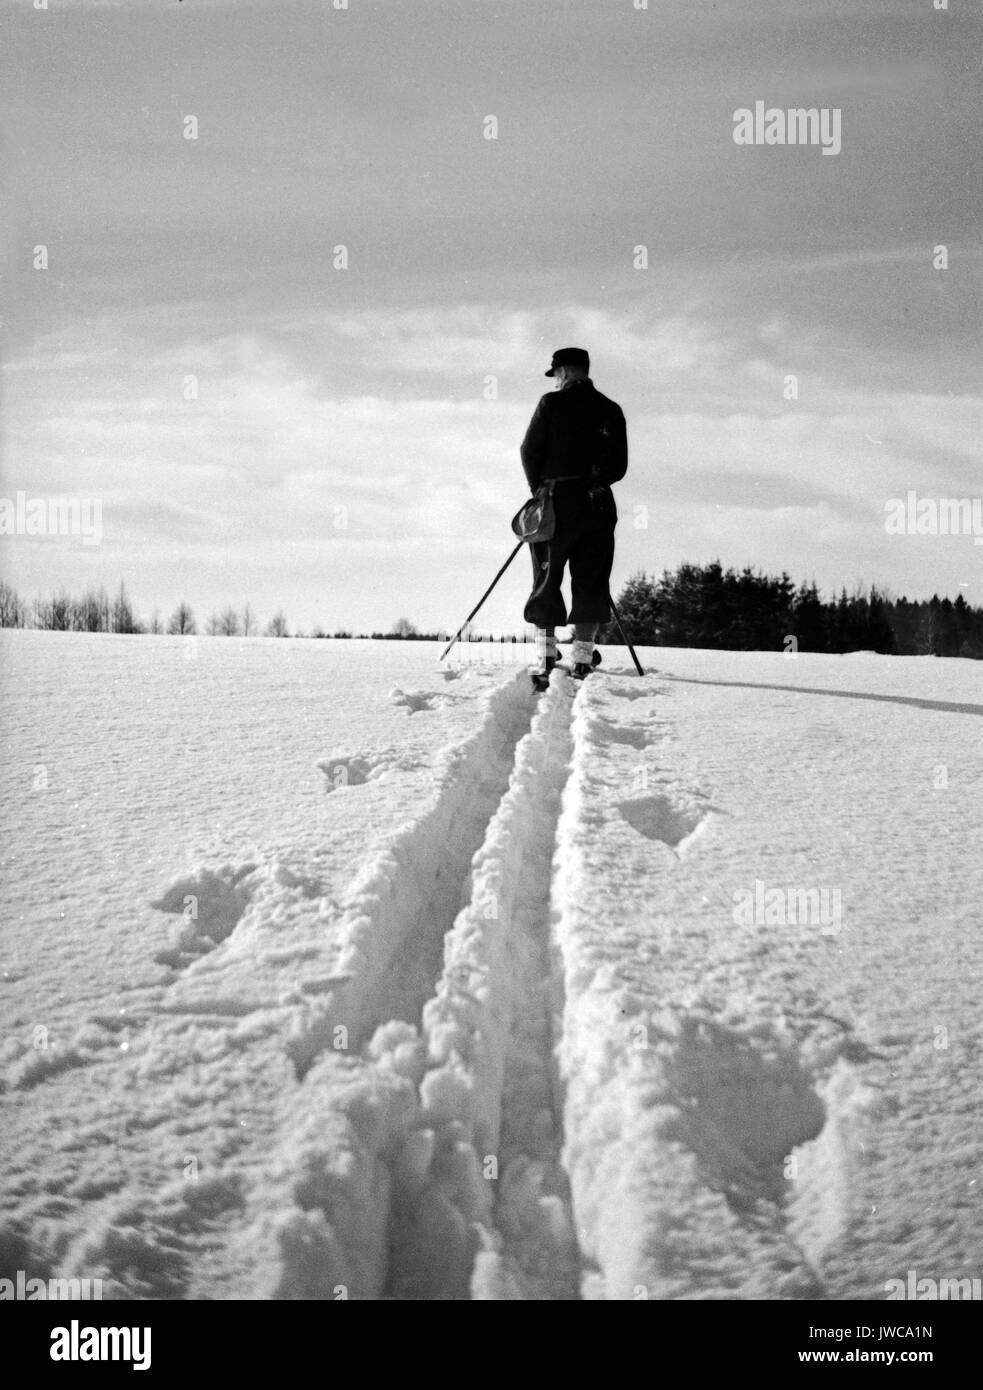 Skier leaving tracks in snow. - Stock Image